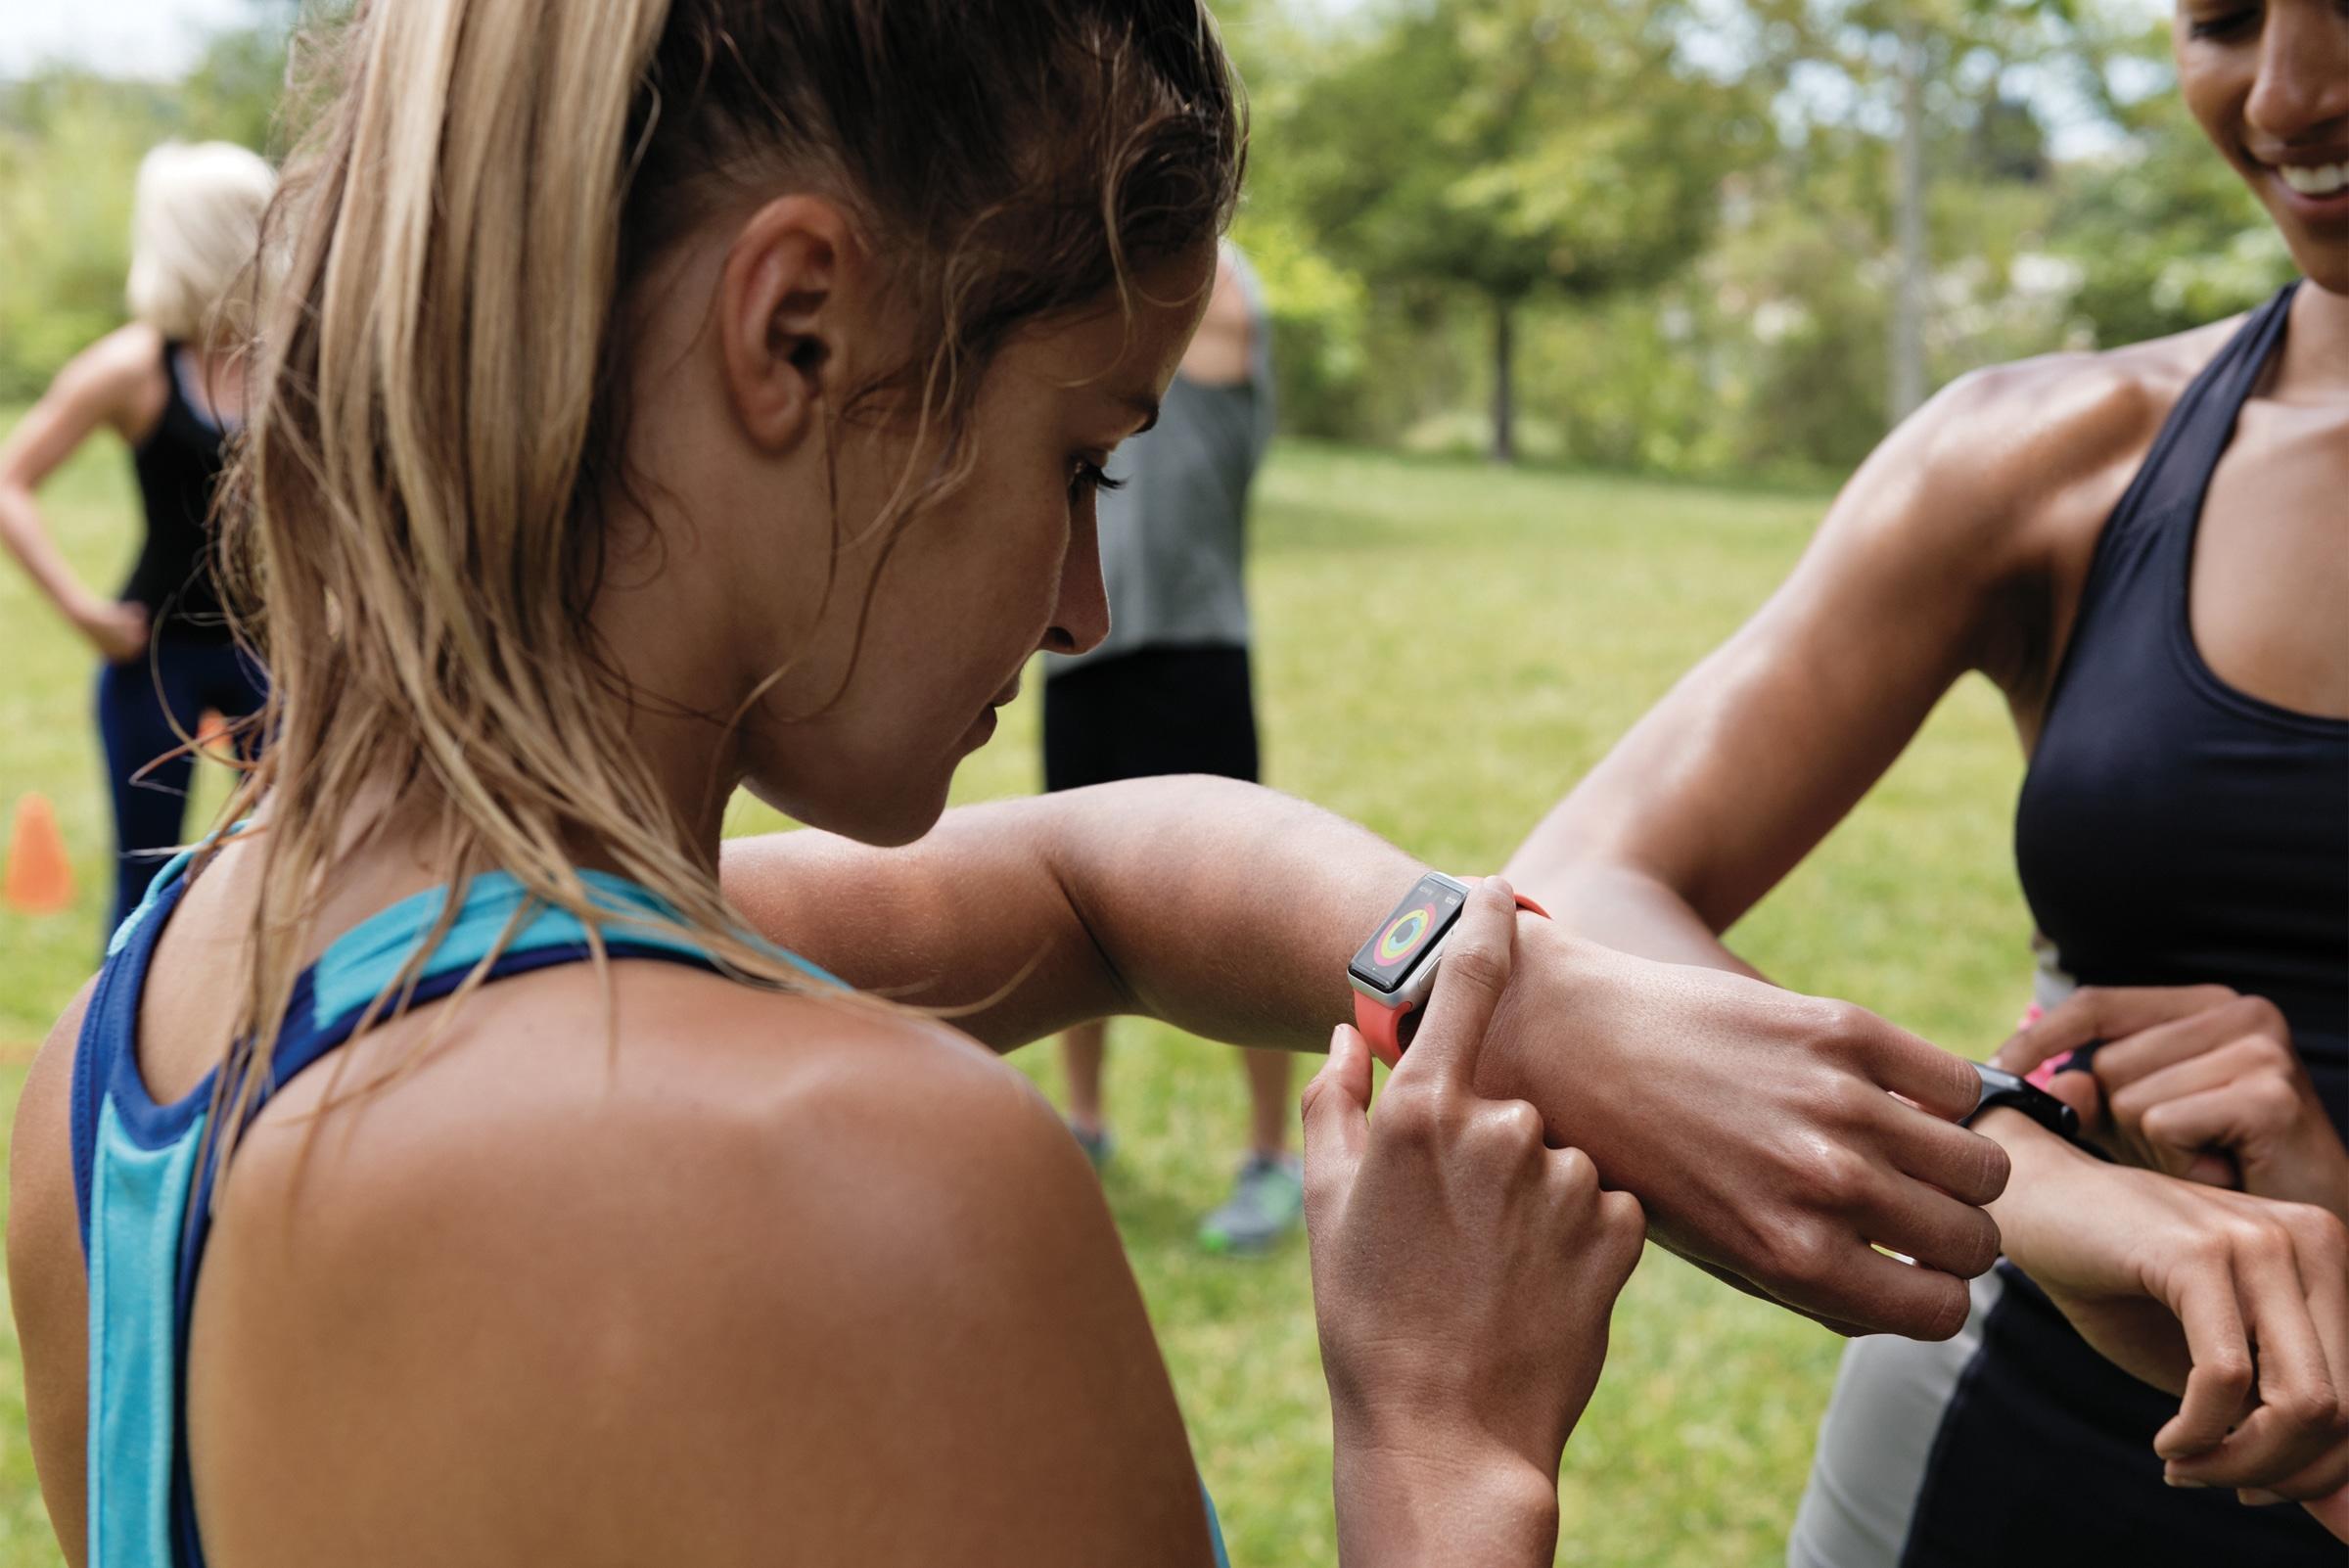 Atividade do watchOS 3 sendo usado por garota num Apple Watch